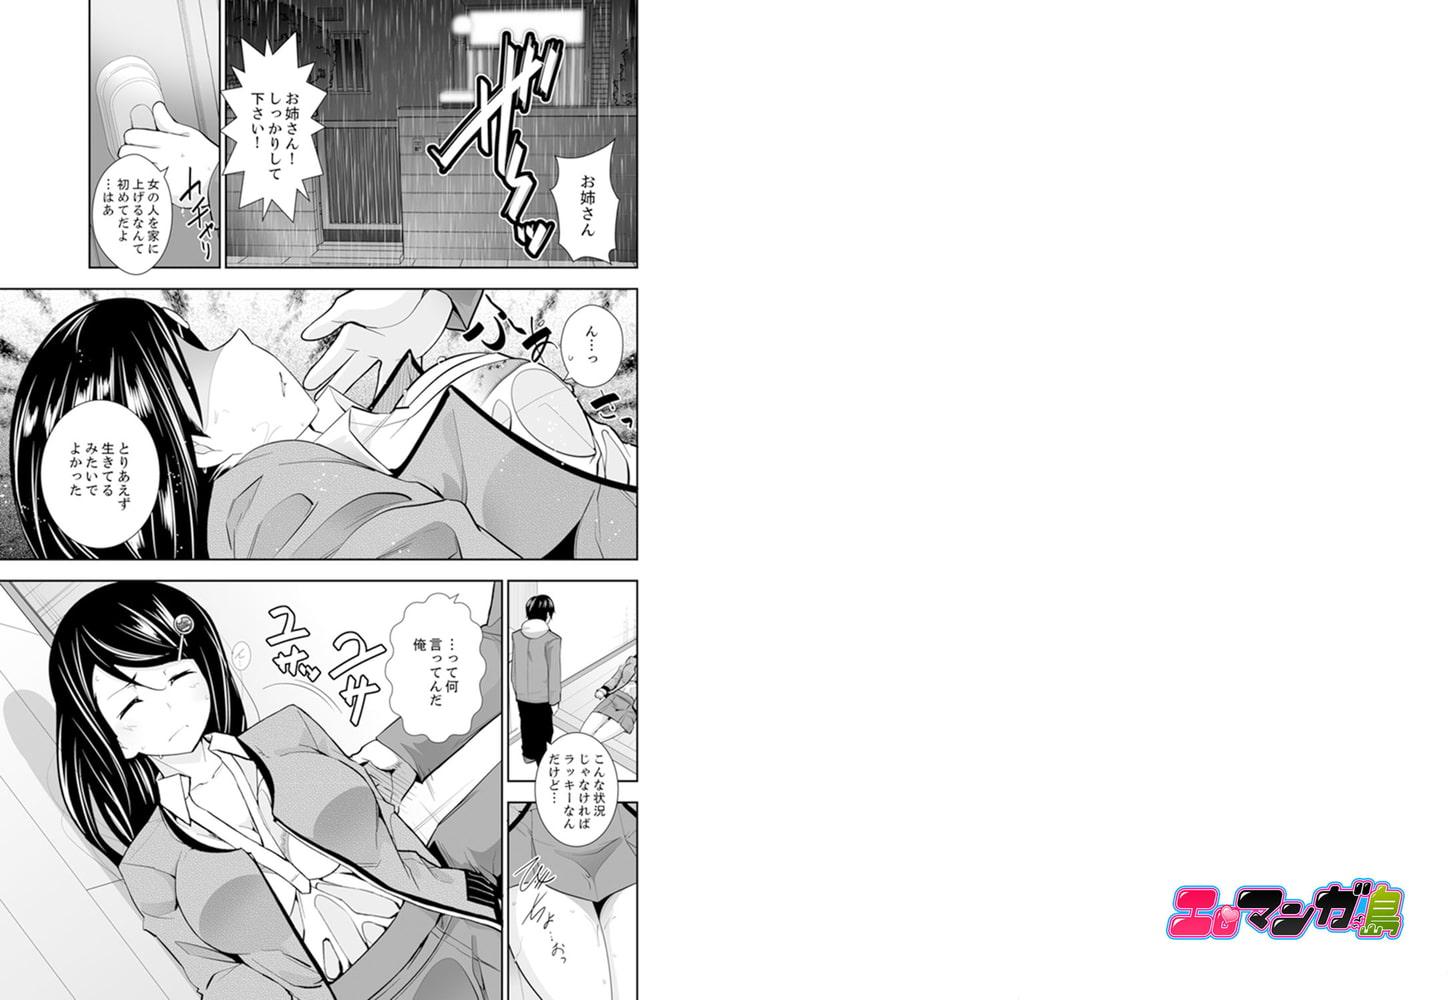 ヤクザの娘と初エッチ!? ~ケジメは毎晩イキすぎ子作り【完全版】